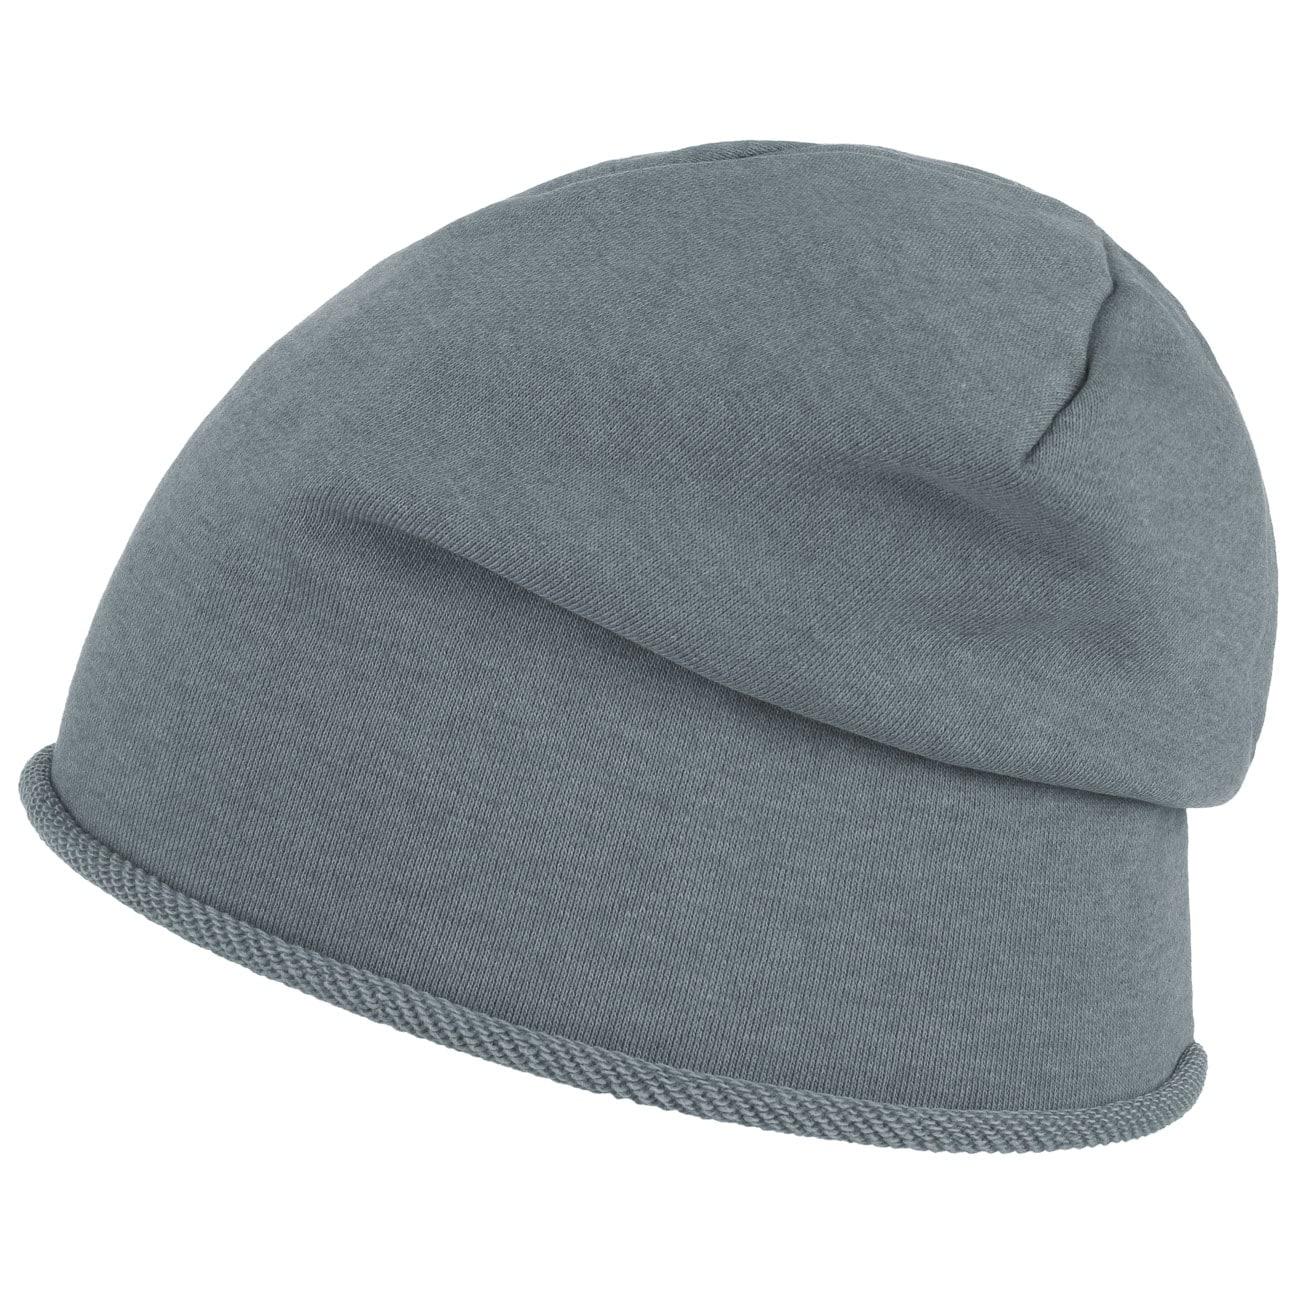 converse beanie grey